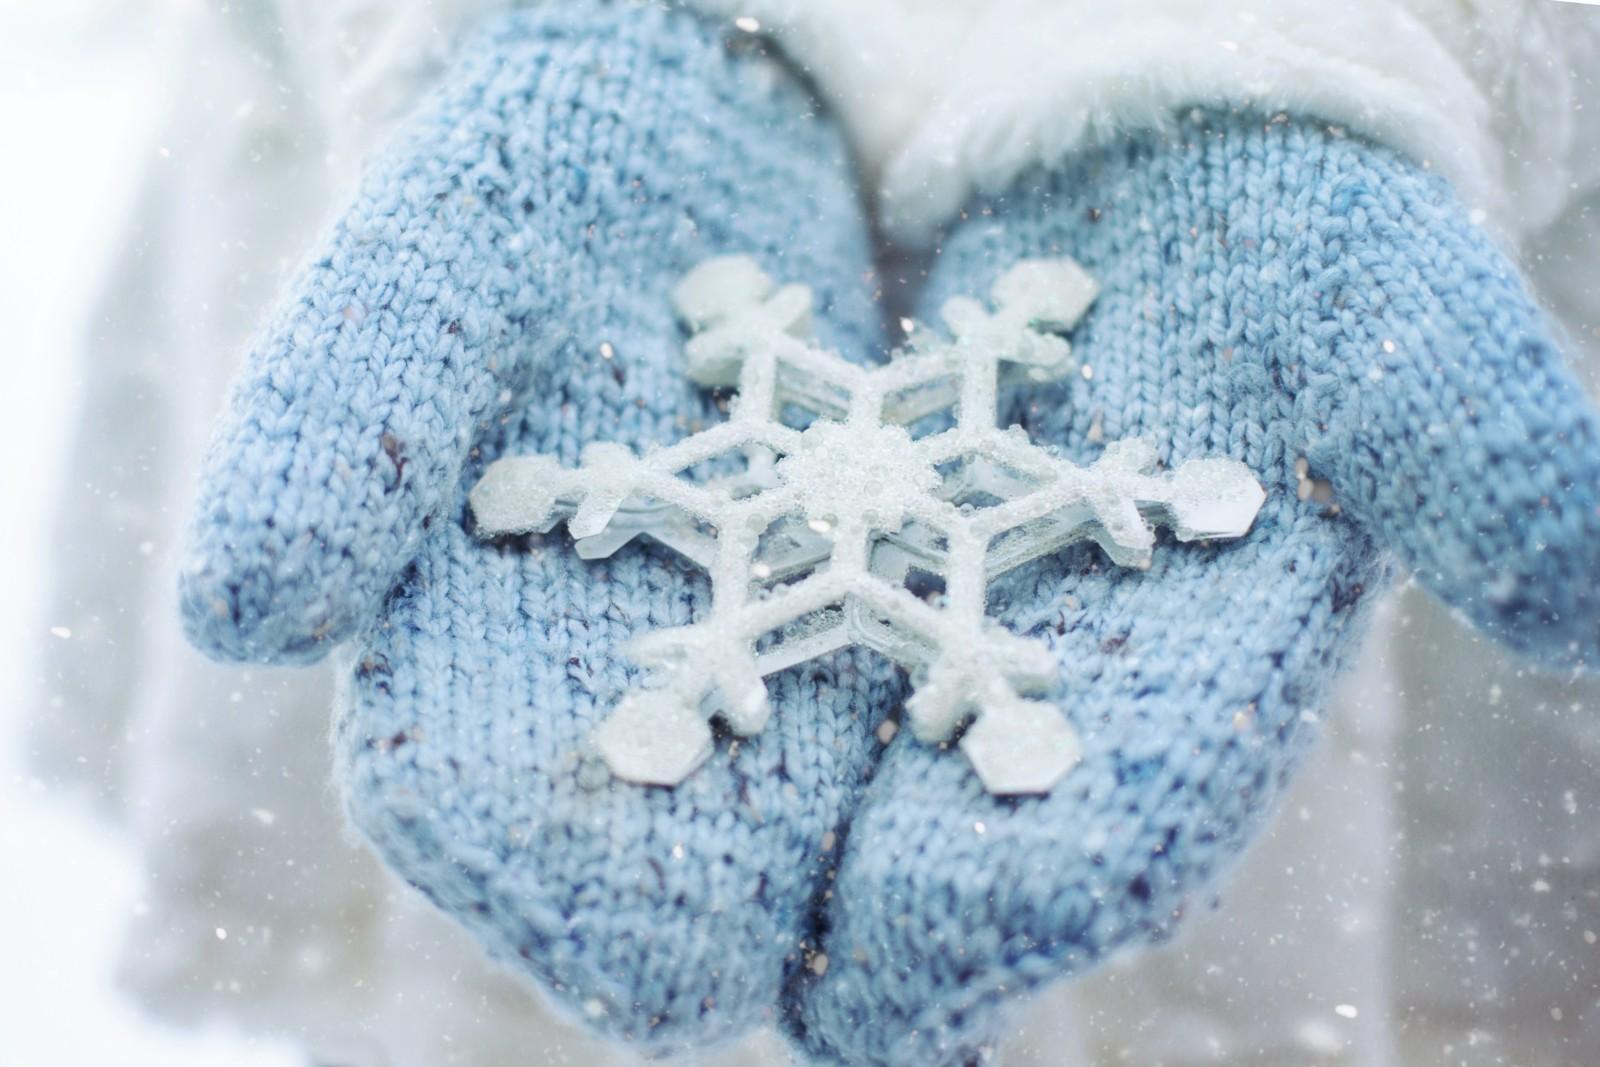 Henkilöllä on kädessään siniset lapaset, joiden päällä on valkoinen lumihiutalekoriste.